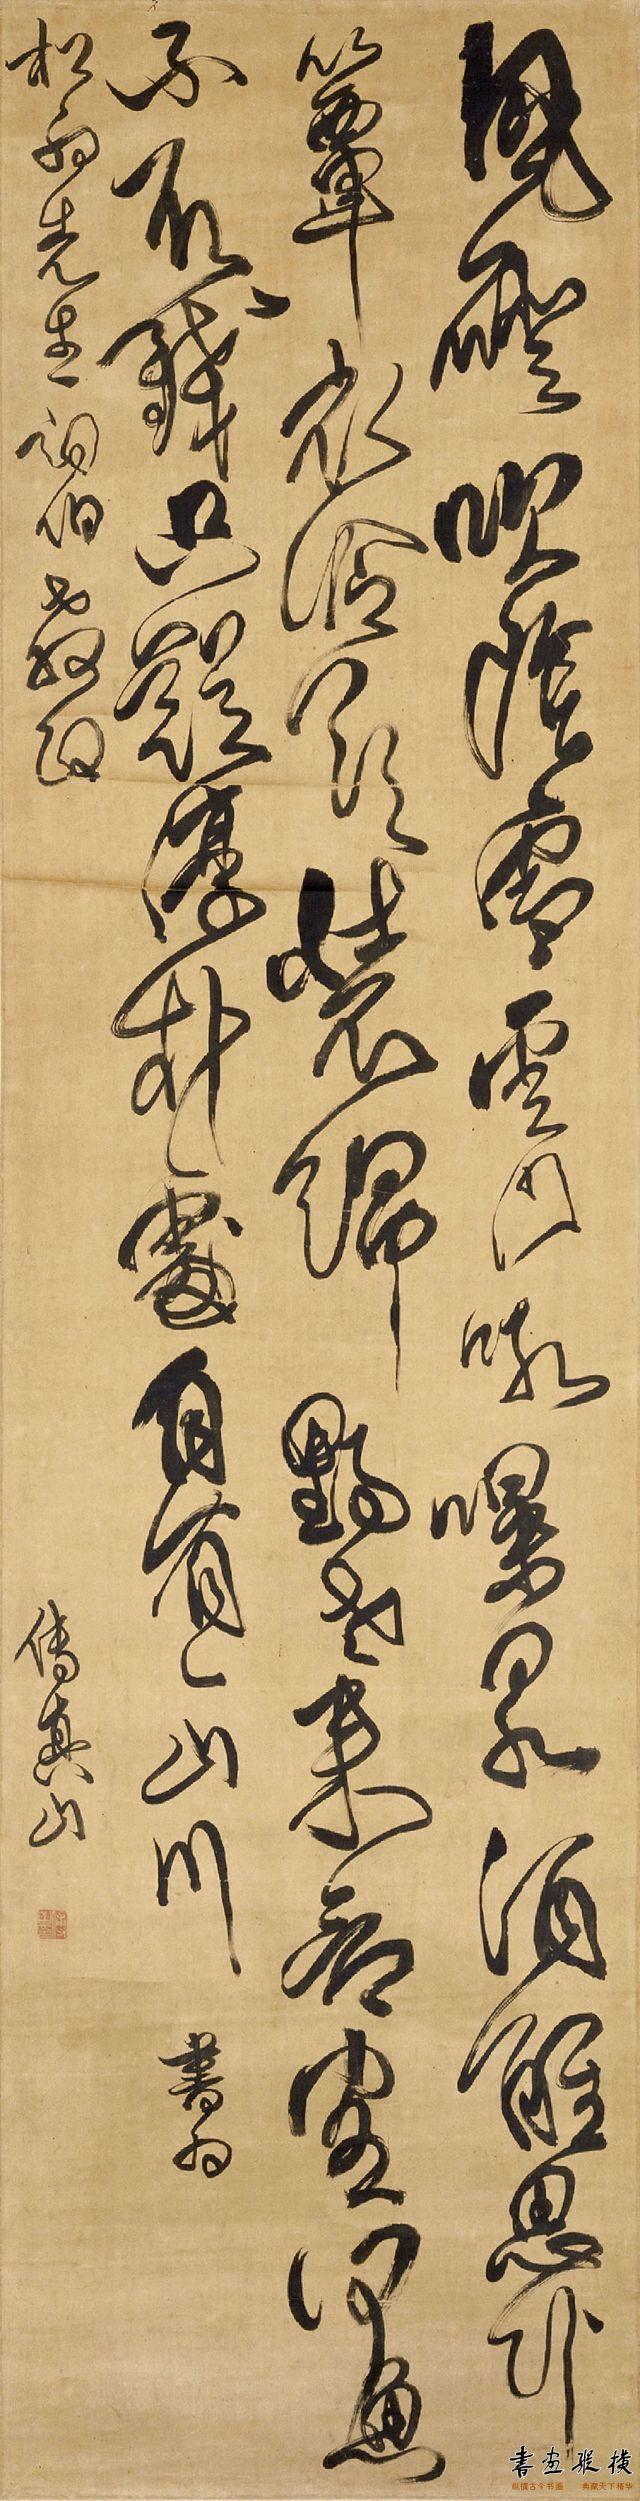 清 傅山 风磴吹阴雪五律诗 故宫博物院藏